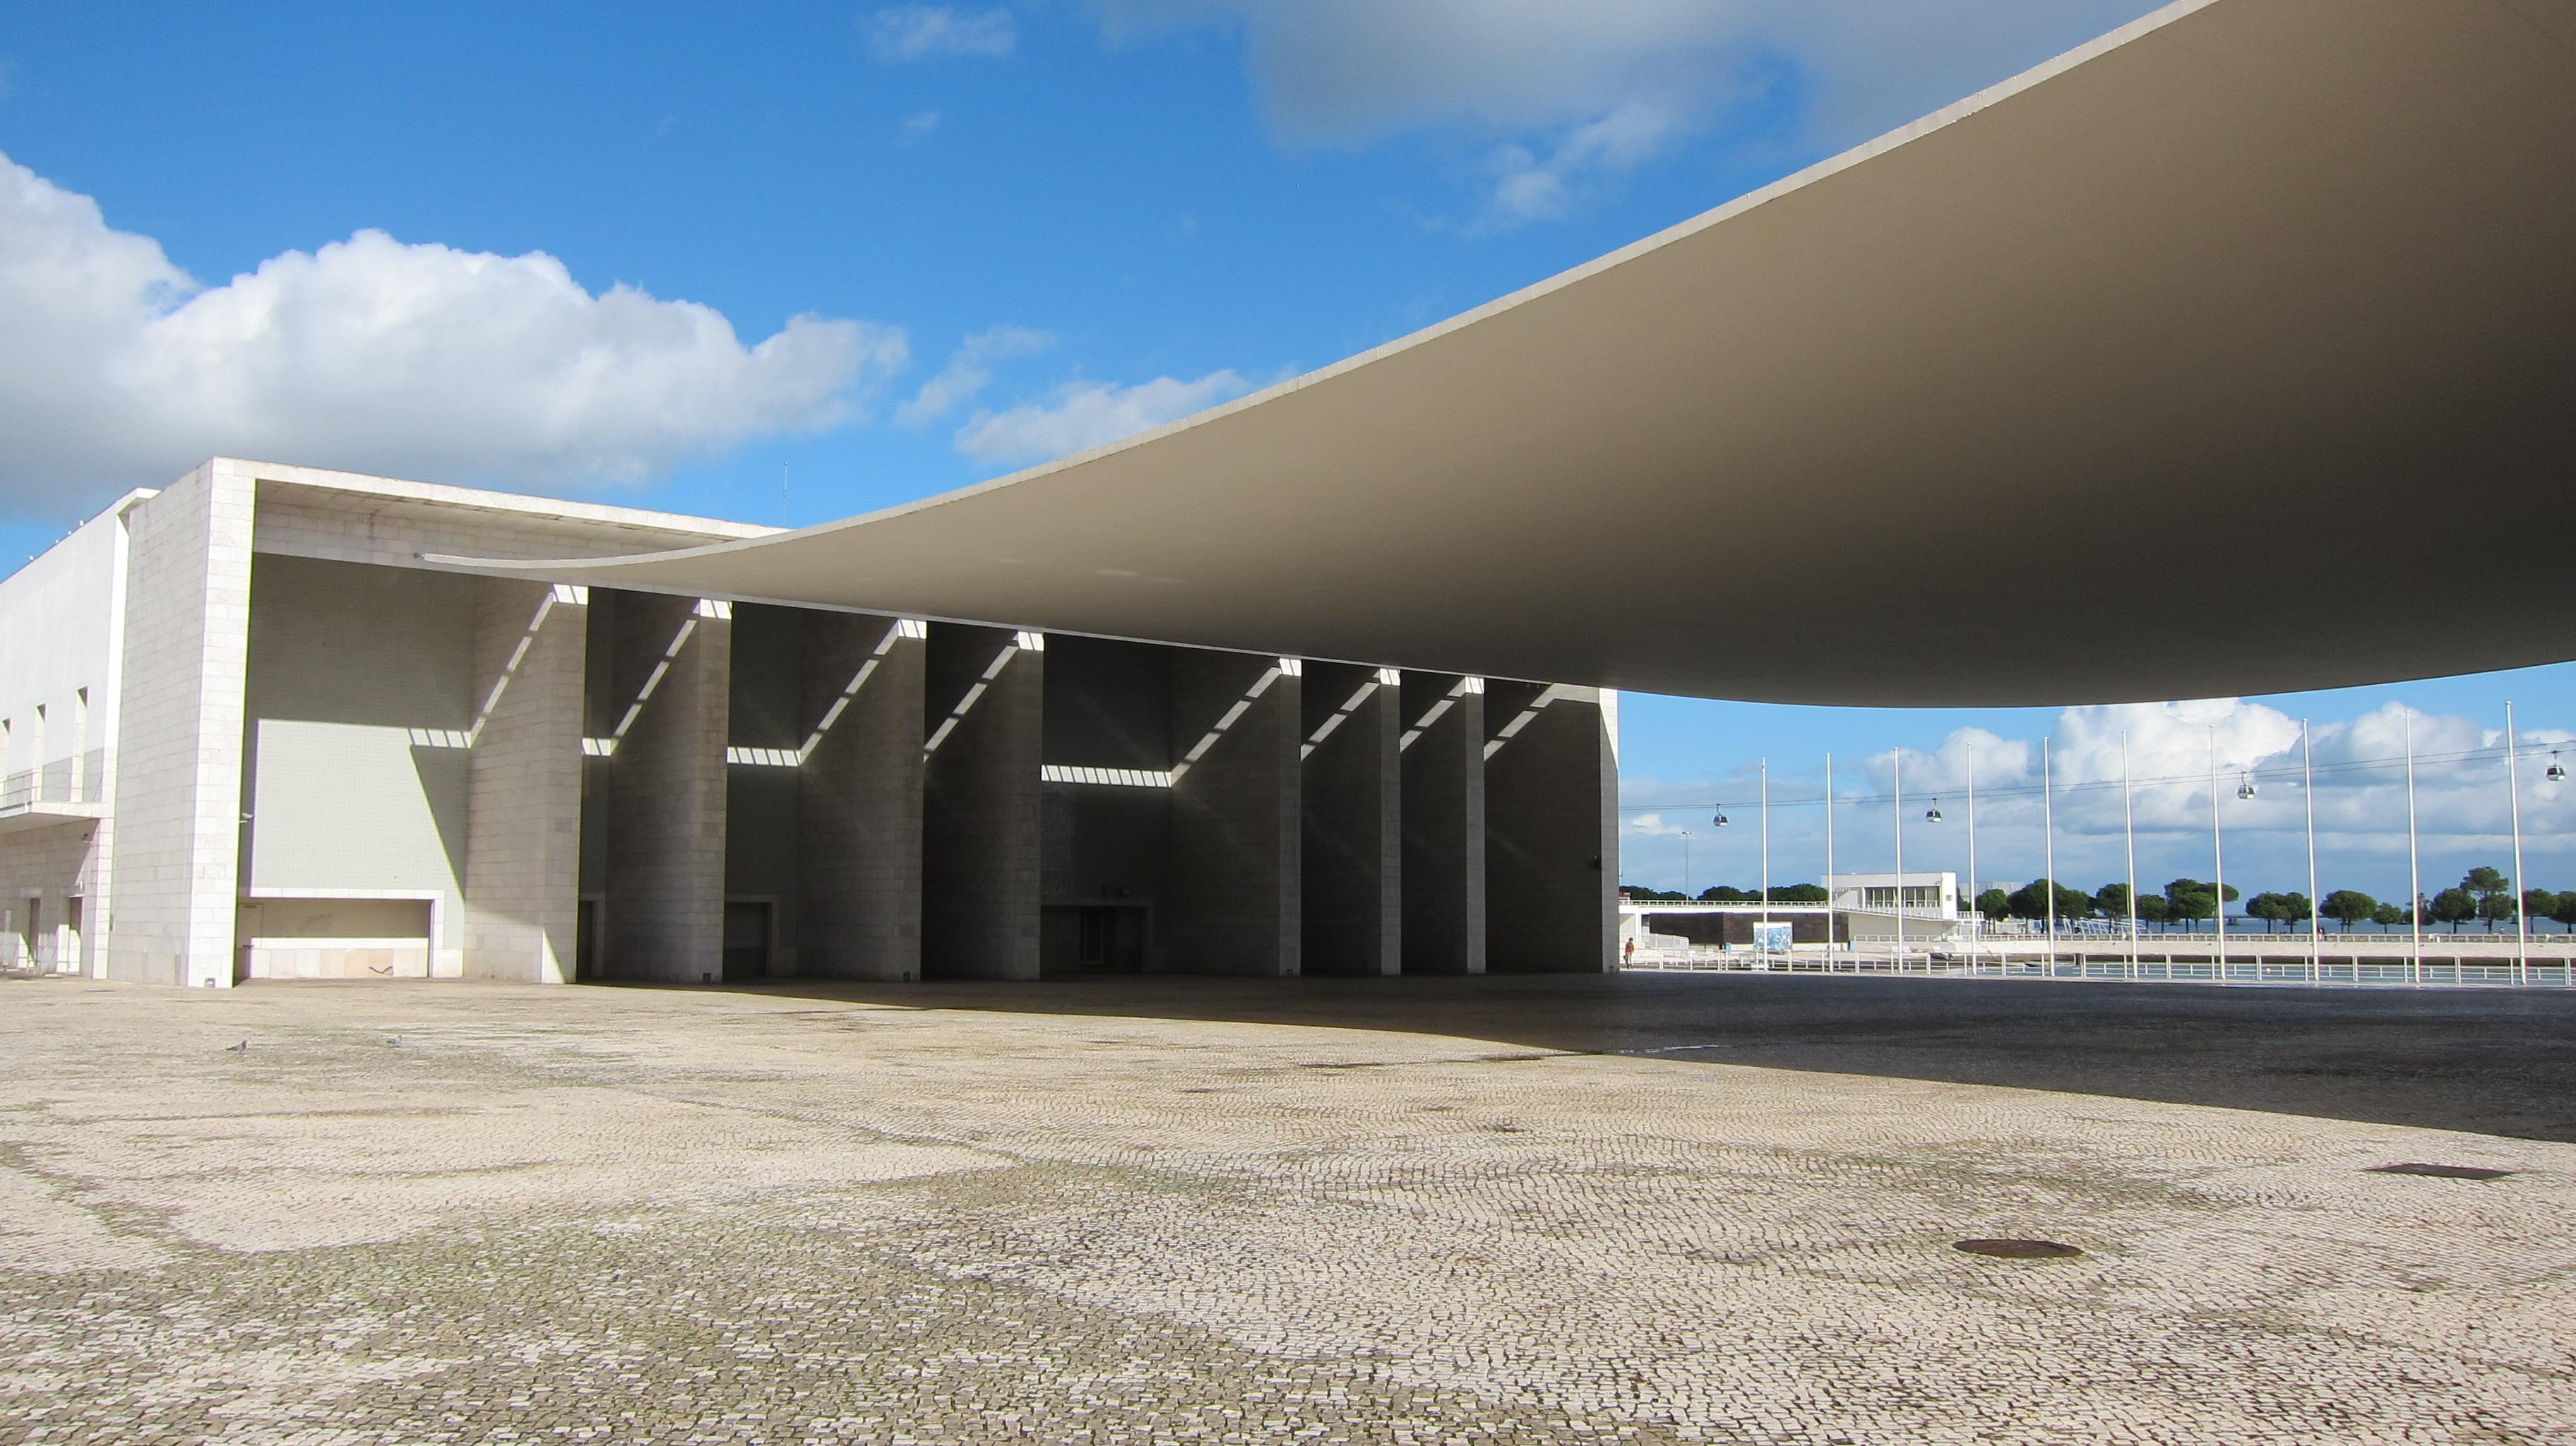 Architetture sospese, cinque sfumature